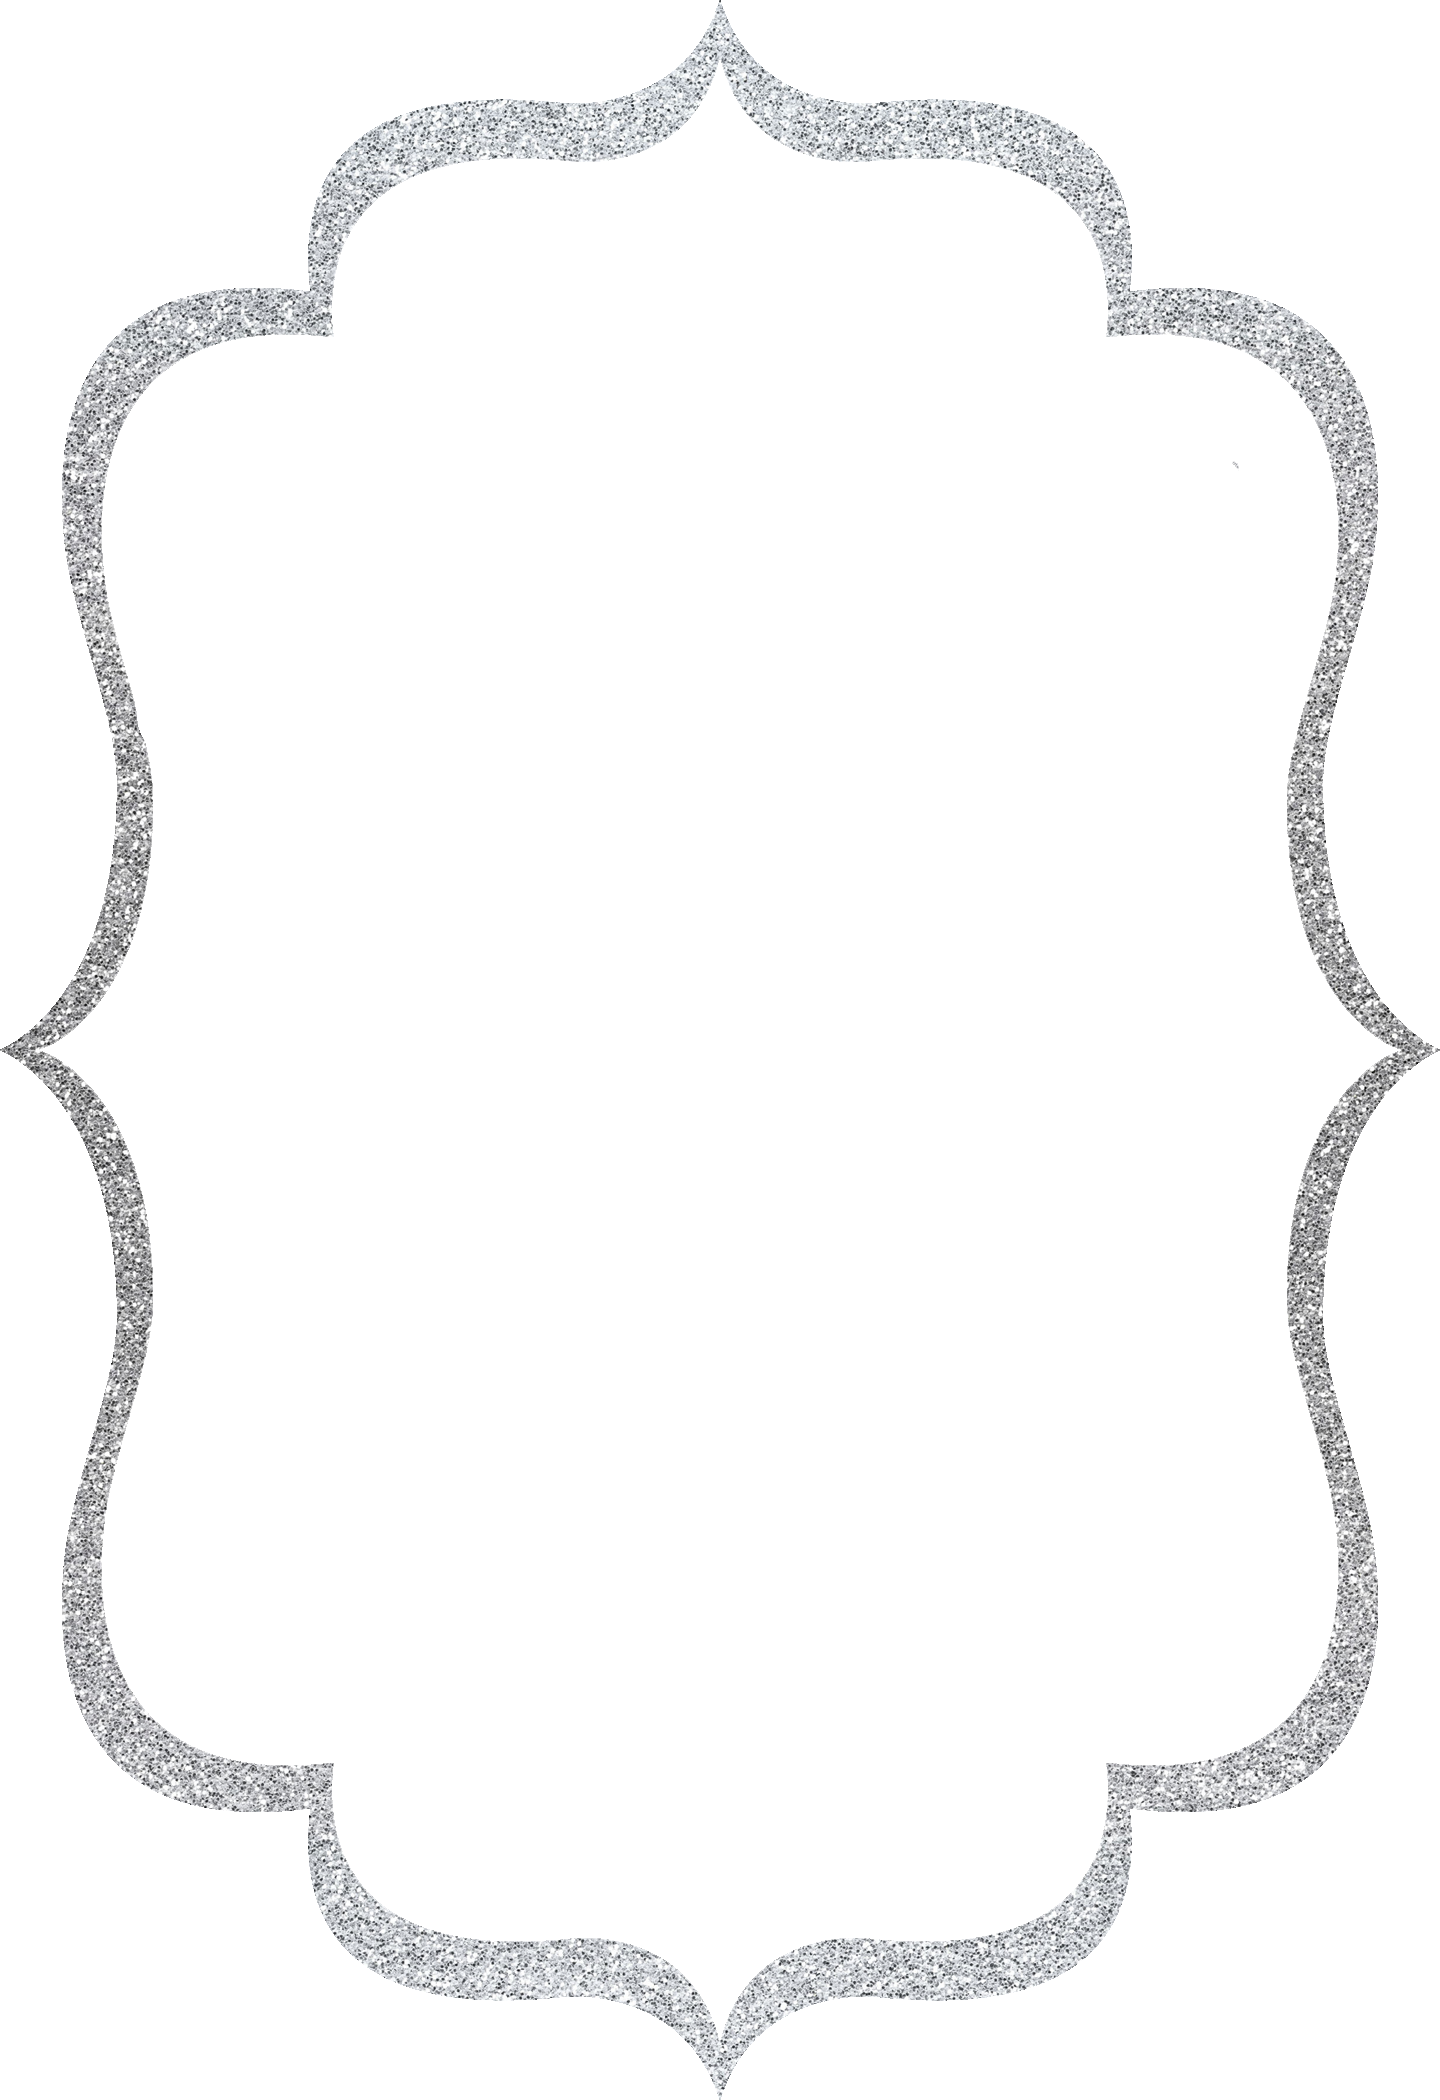 Design Printabell • Create Bordes y marcos, Plantilla